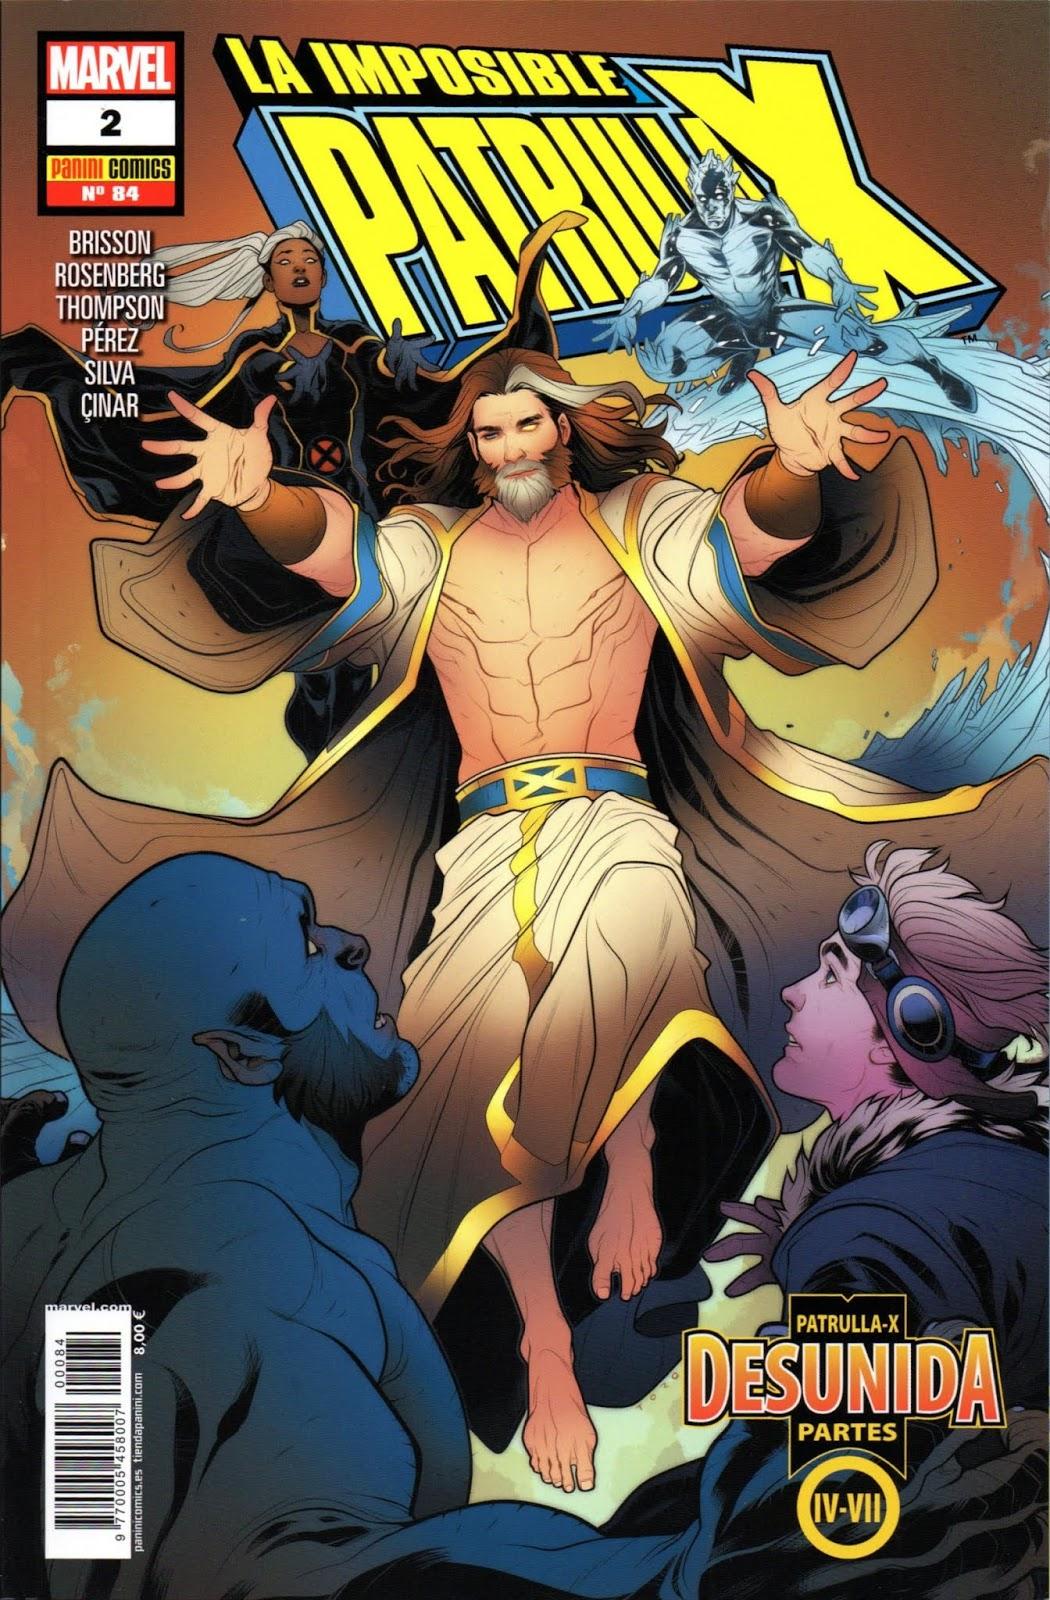 La imposible Patrulla X 84 (Uncanny X-Men 4 - 7 Vol 4)